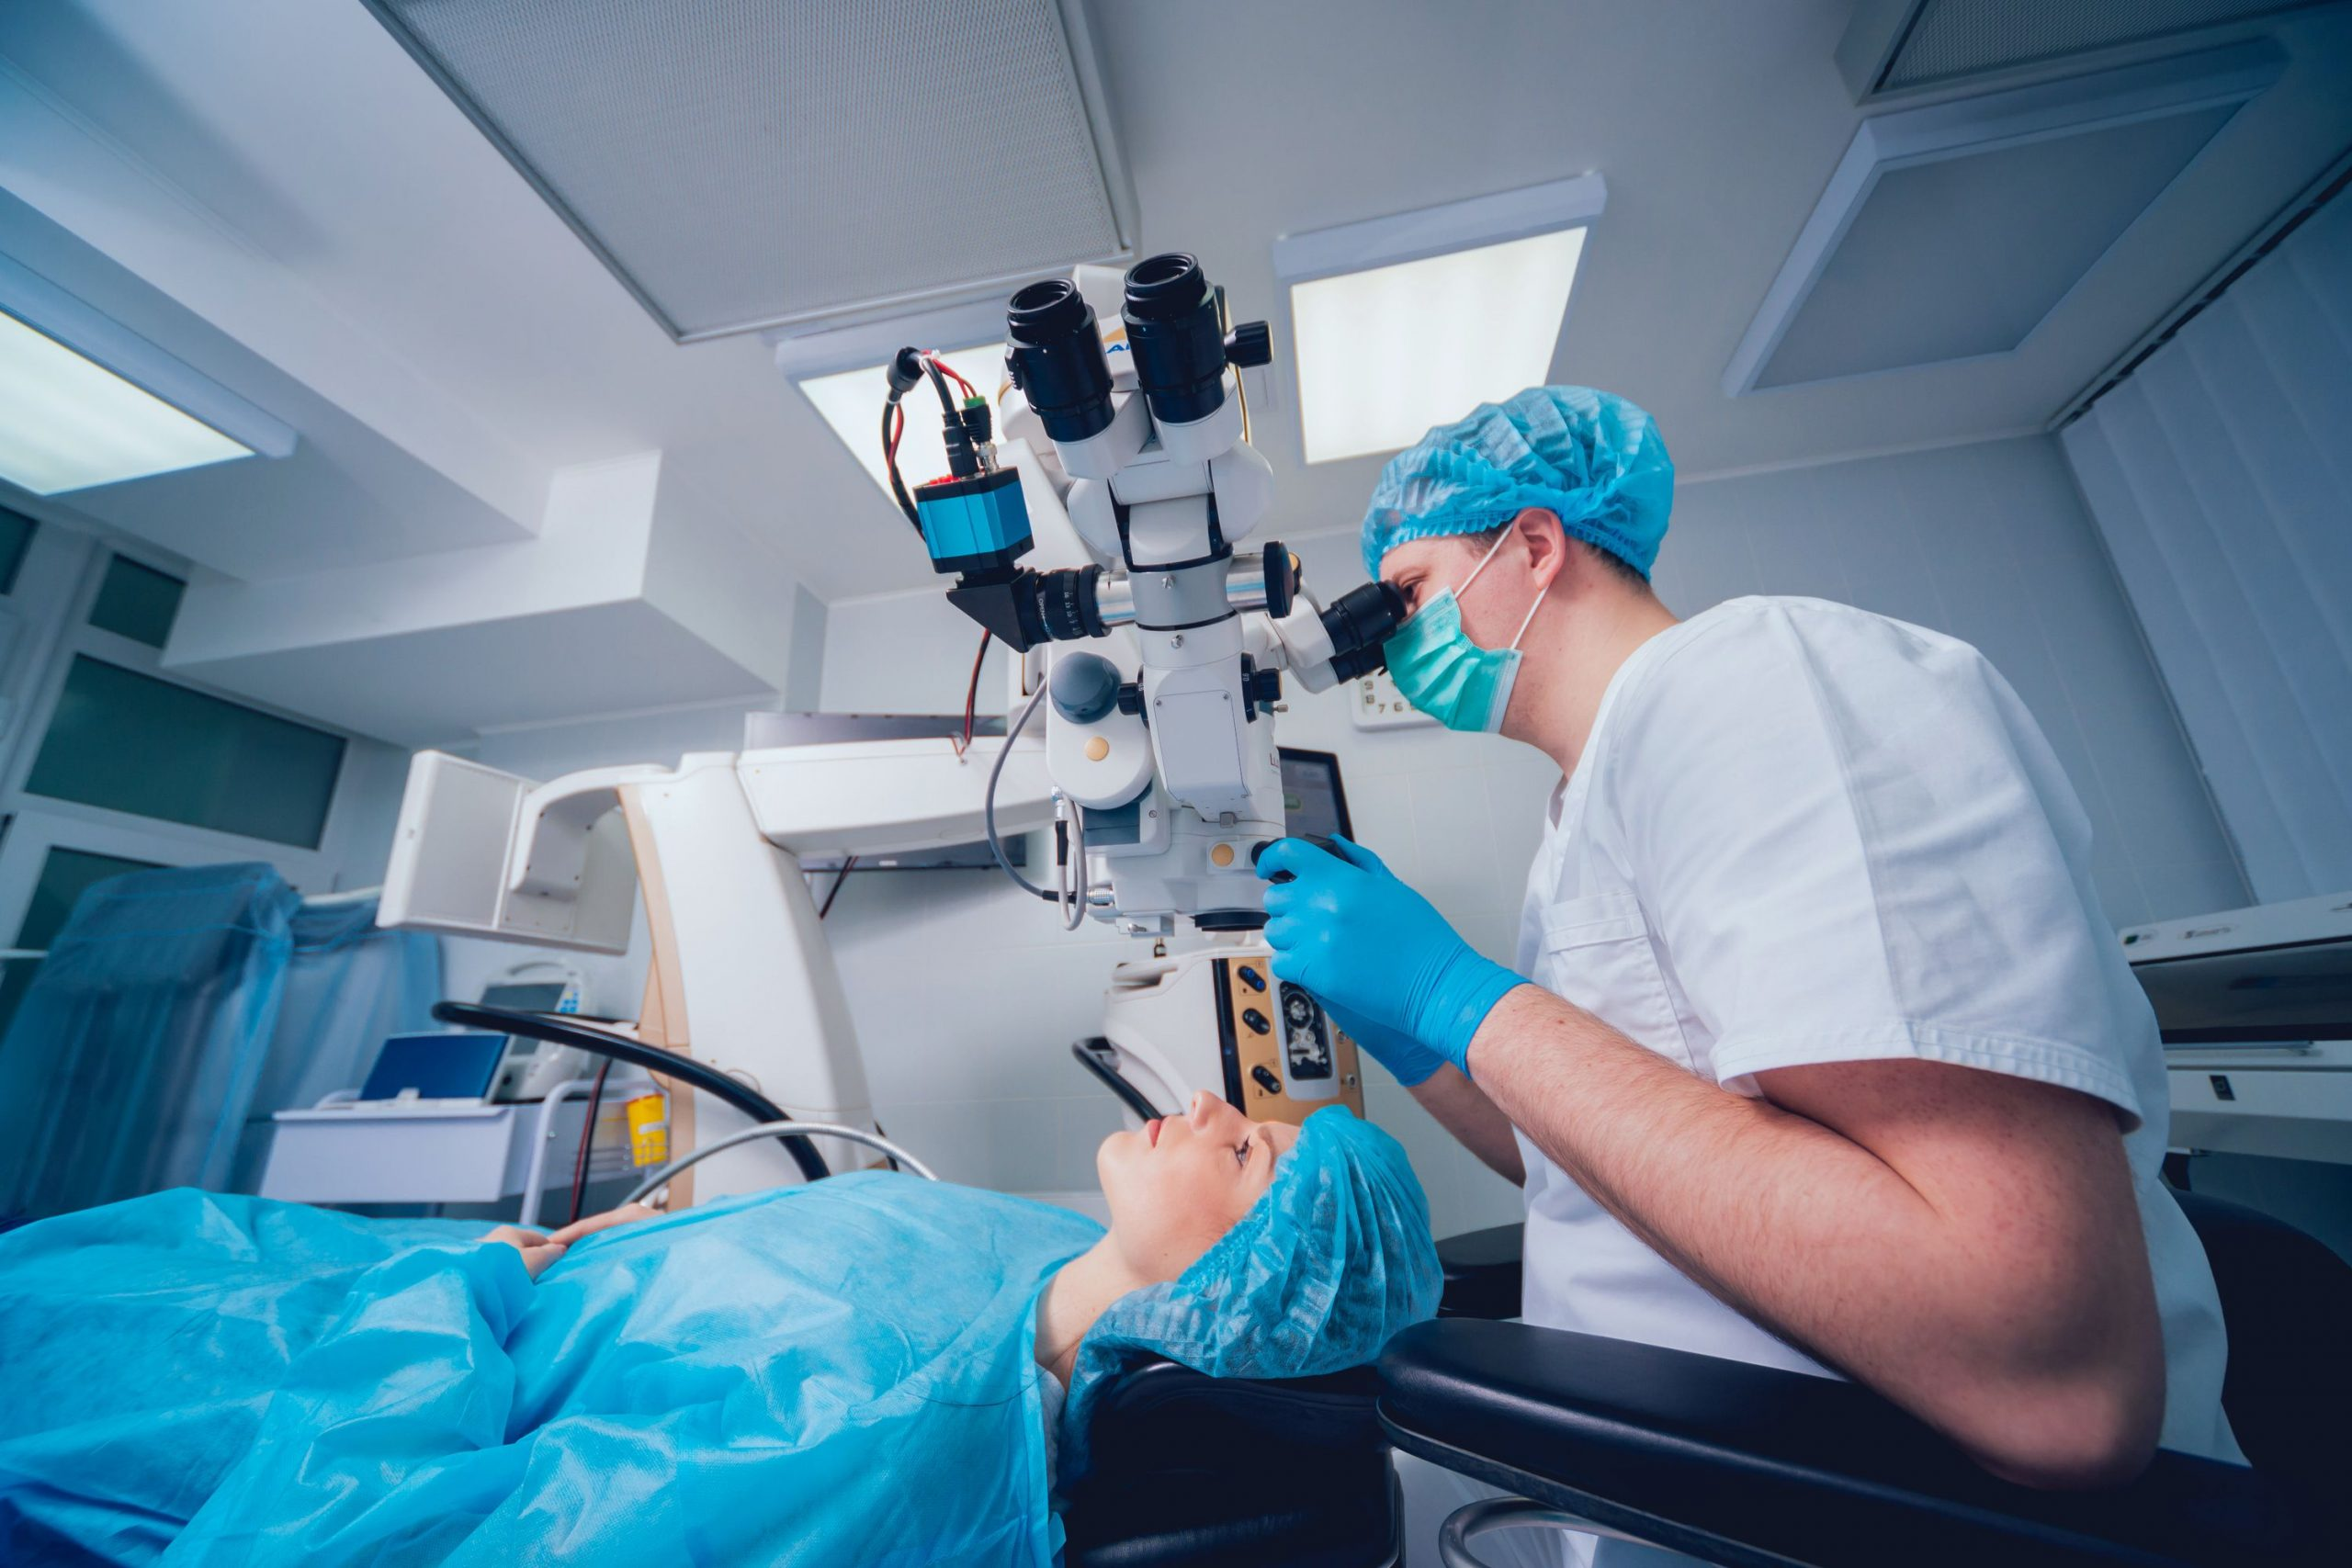 Contoura vision eye surgery